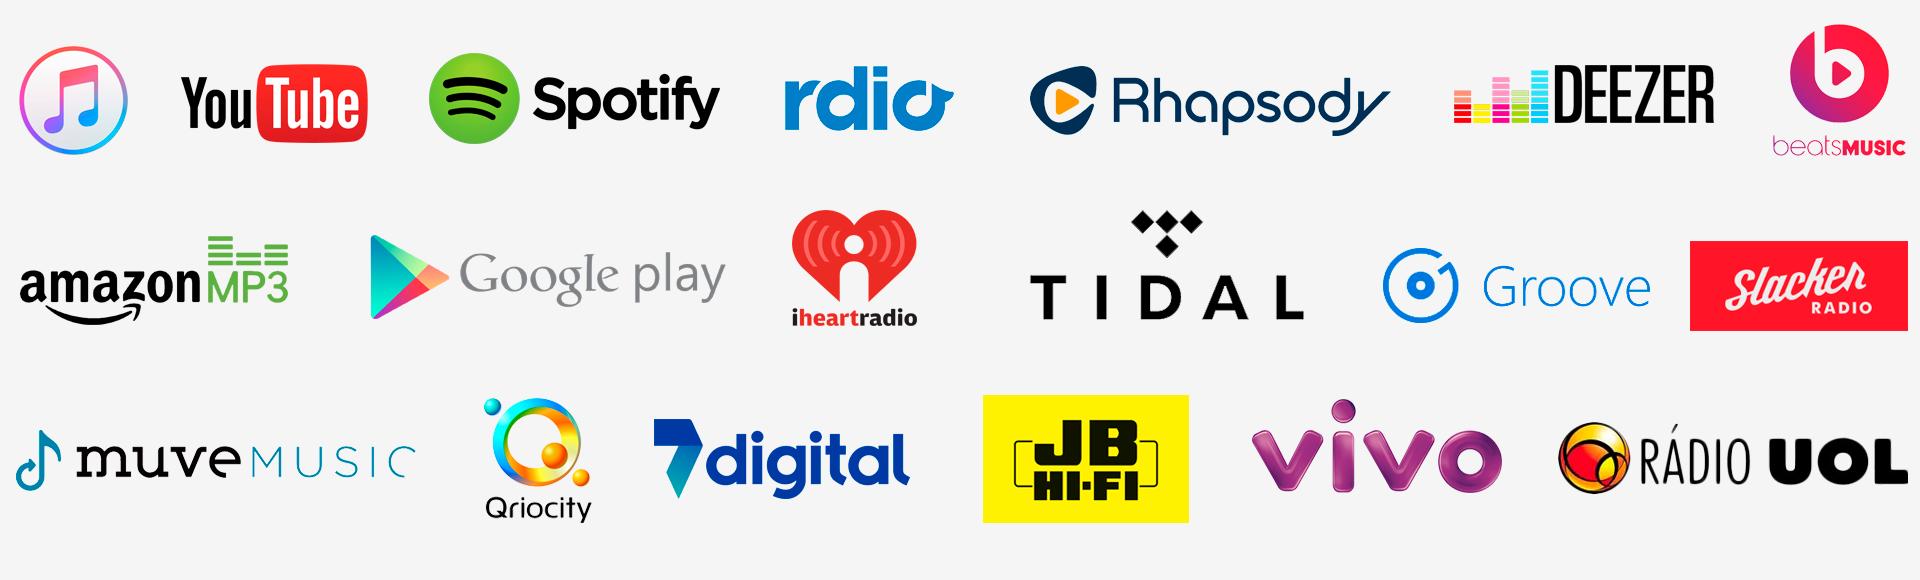 blog-music-logos